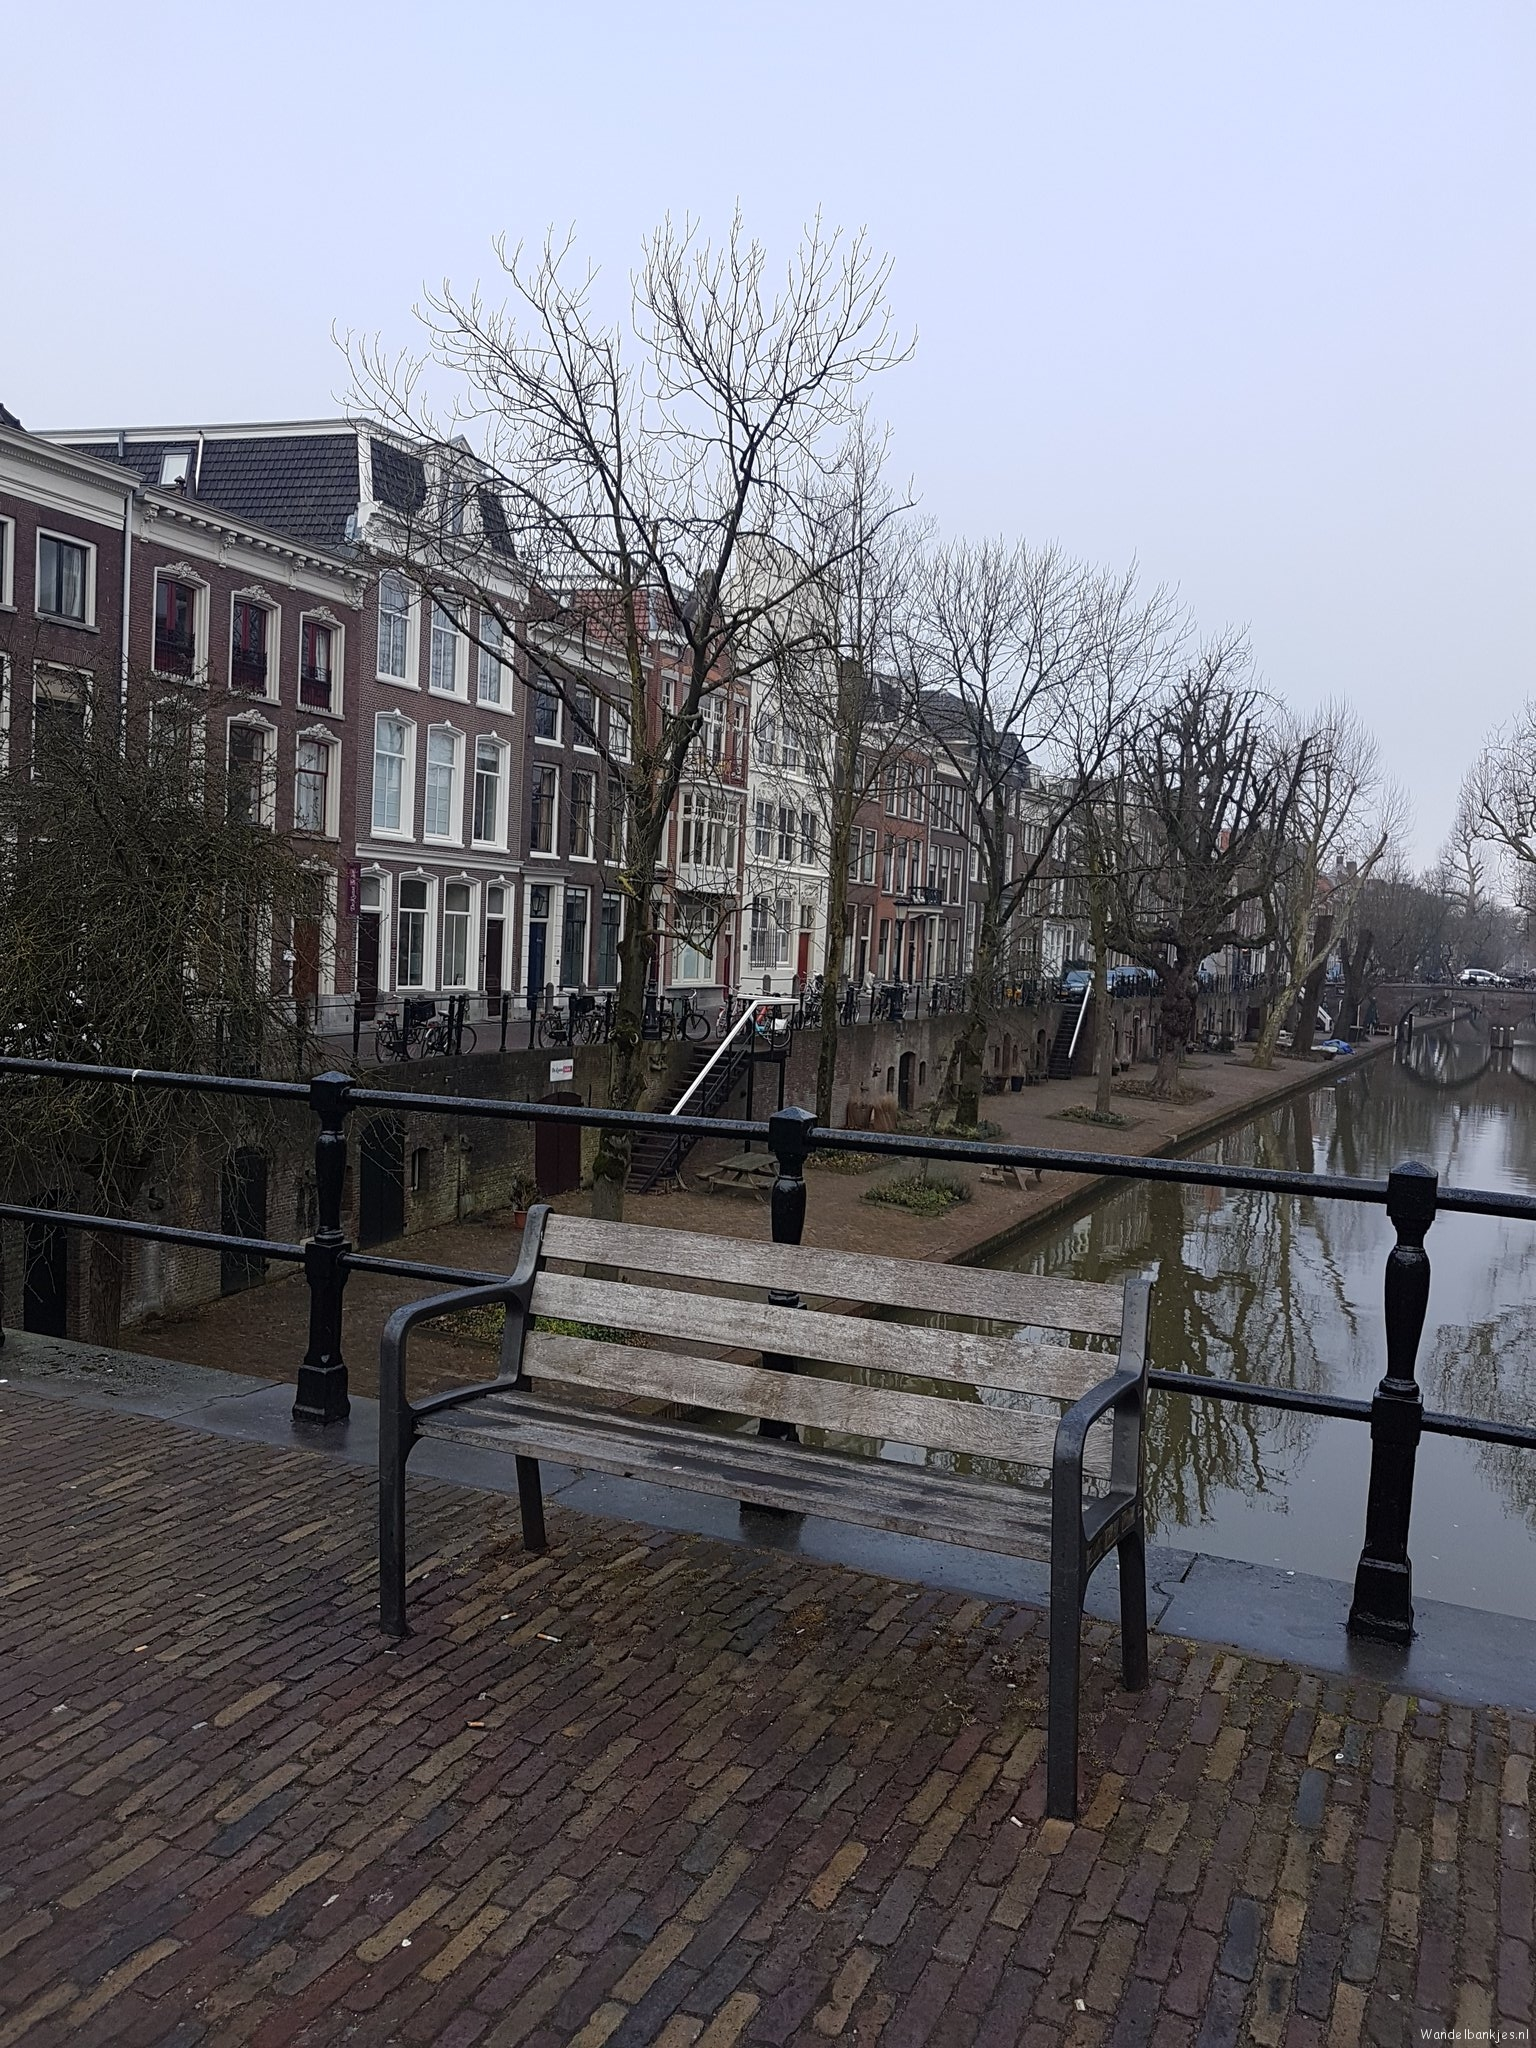 rt-taffy1973-walking-benches-geertebrug-utrecht-https-t-co-geyjtqkwlo